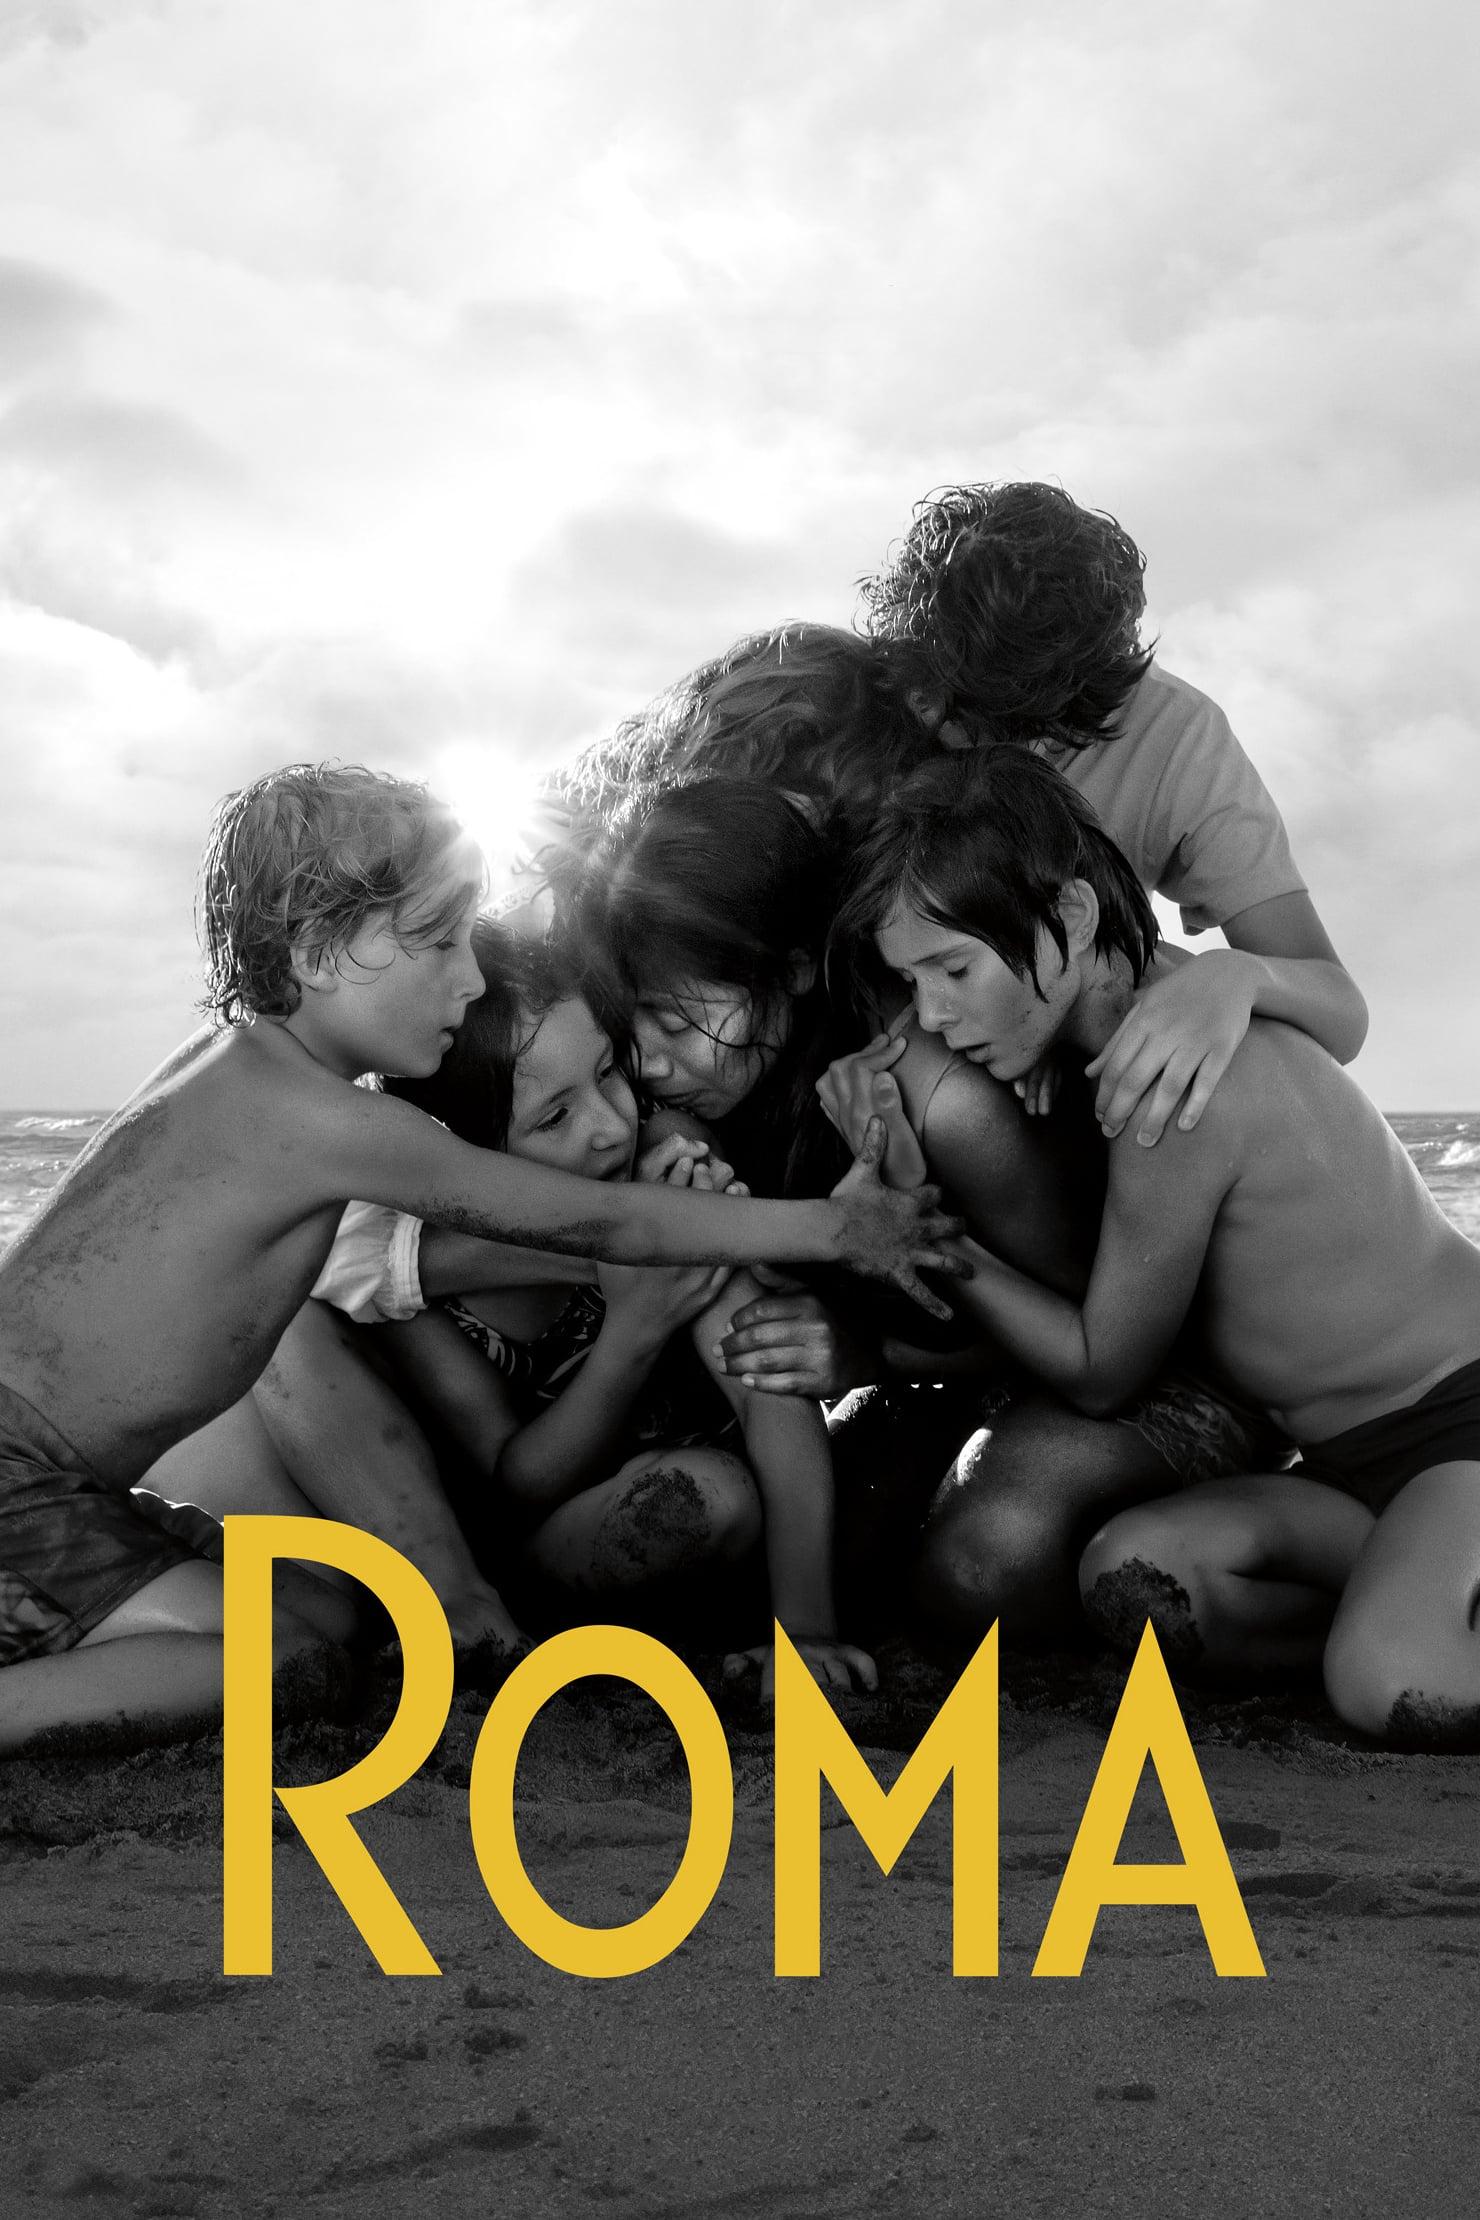 دانلود فیلم Roma 2018 با دوبله فارسی